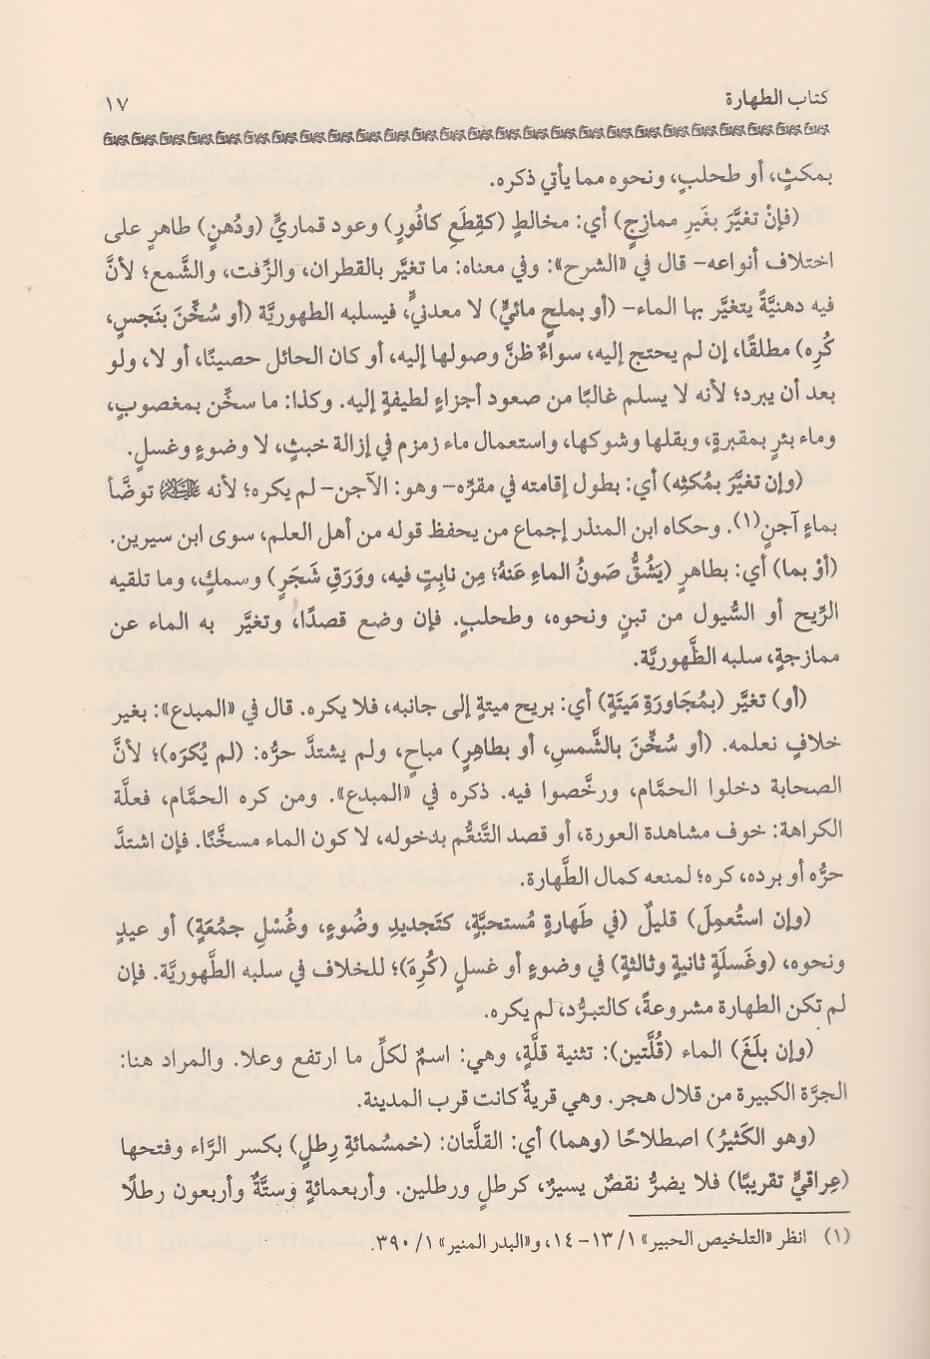 ملخص كتاب الروض المربع